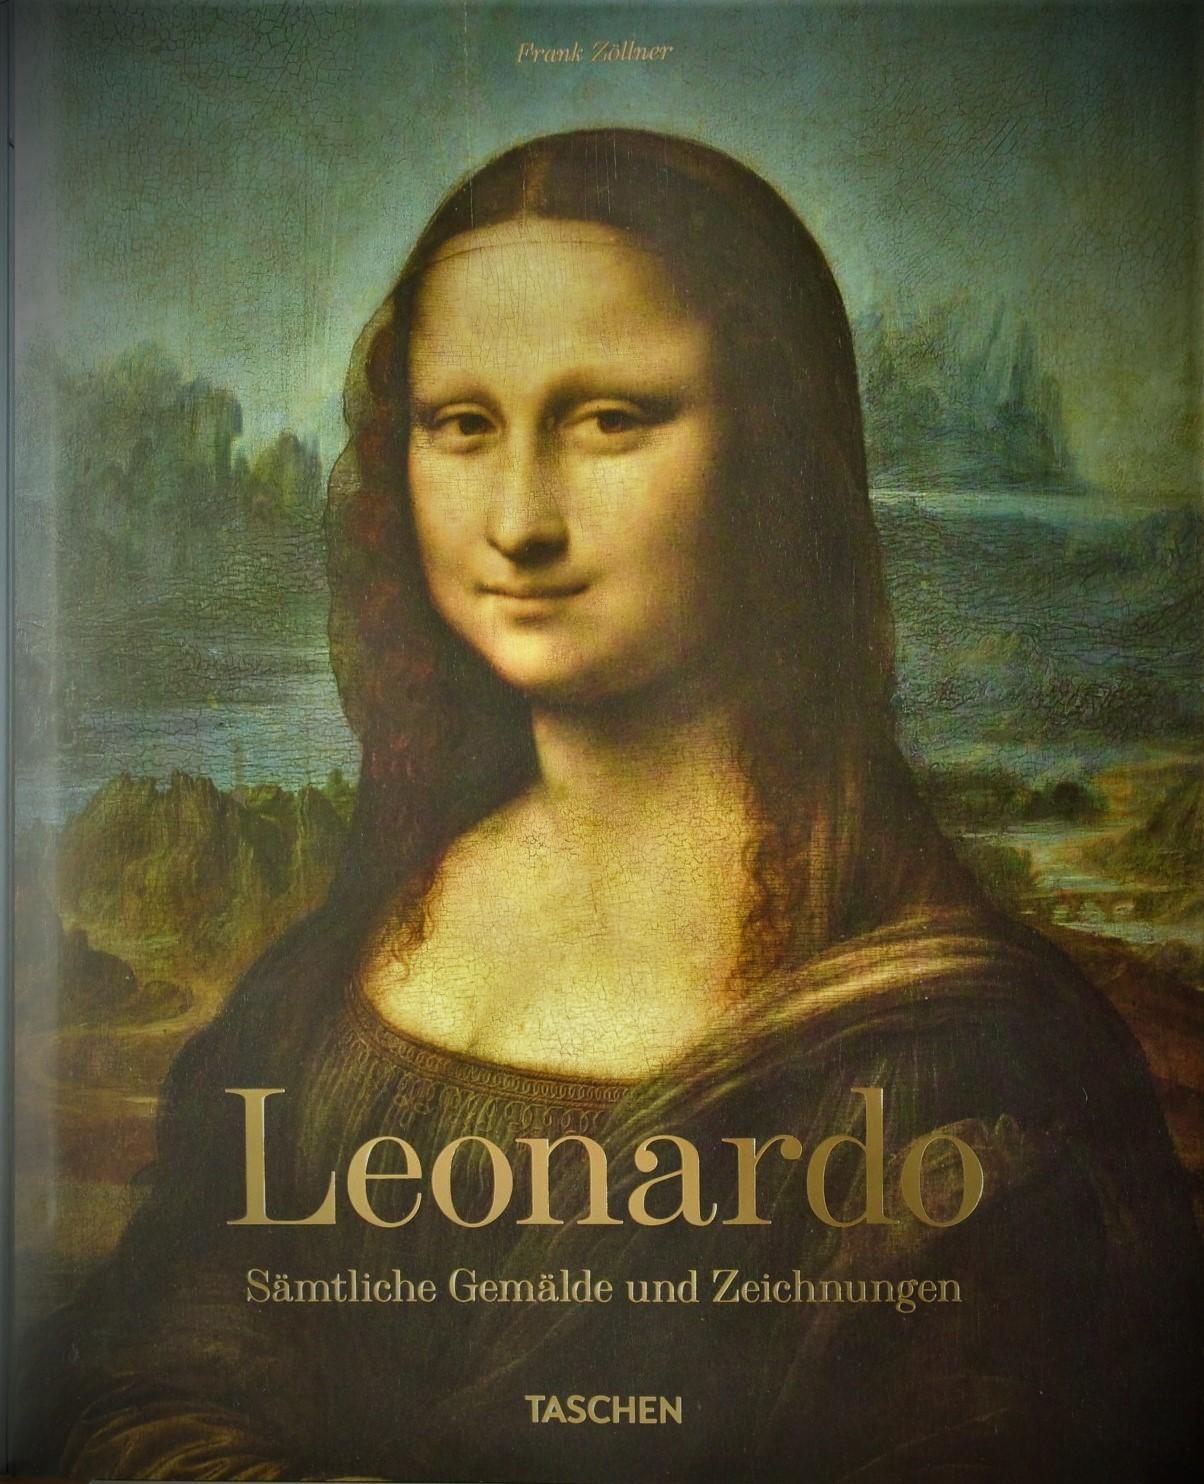 Leonardo 500 Jahre Jubiläumsausgabe